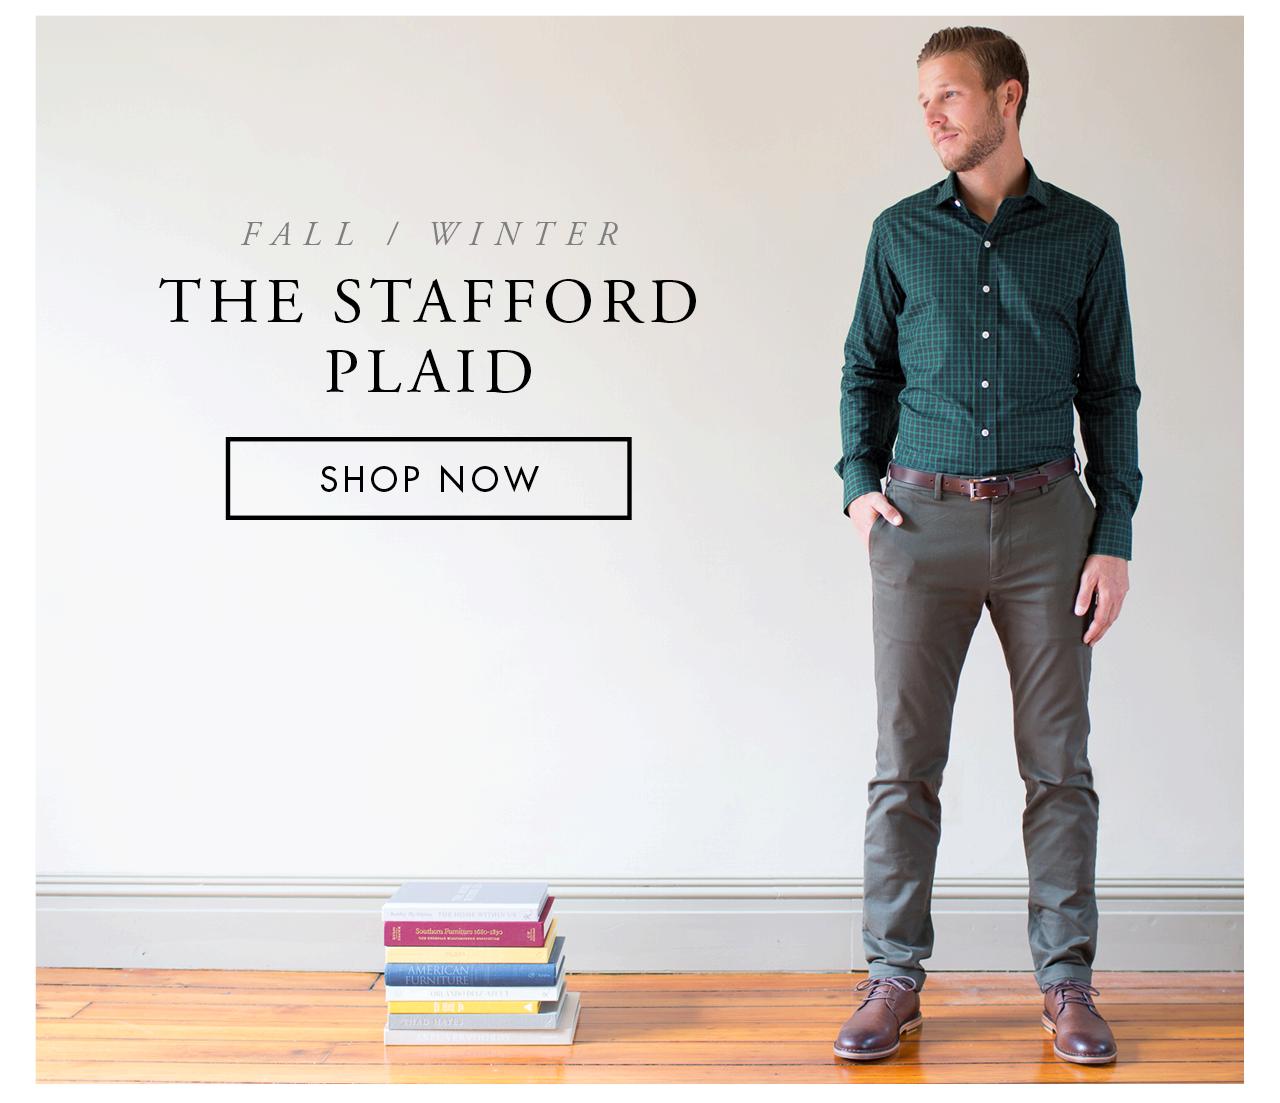 The Stafford Plaid